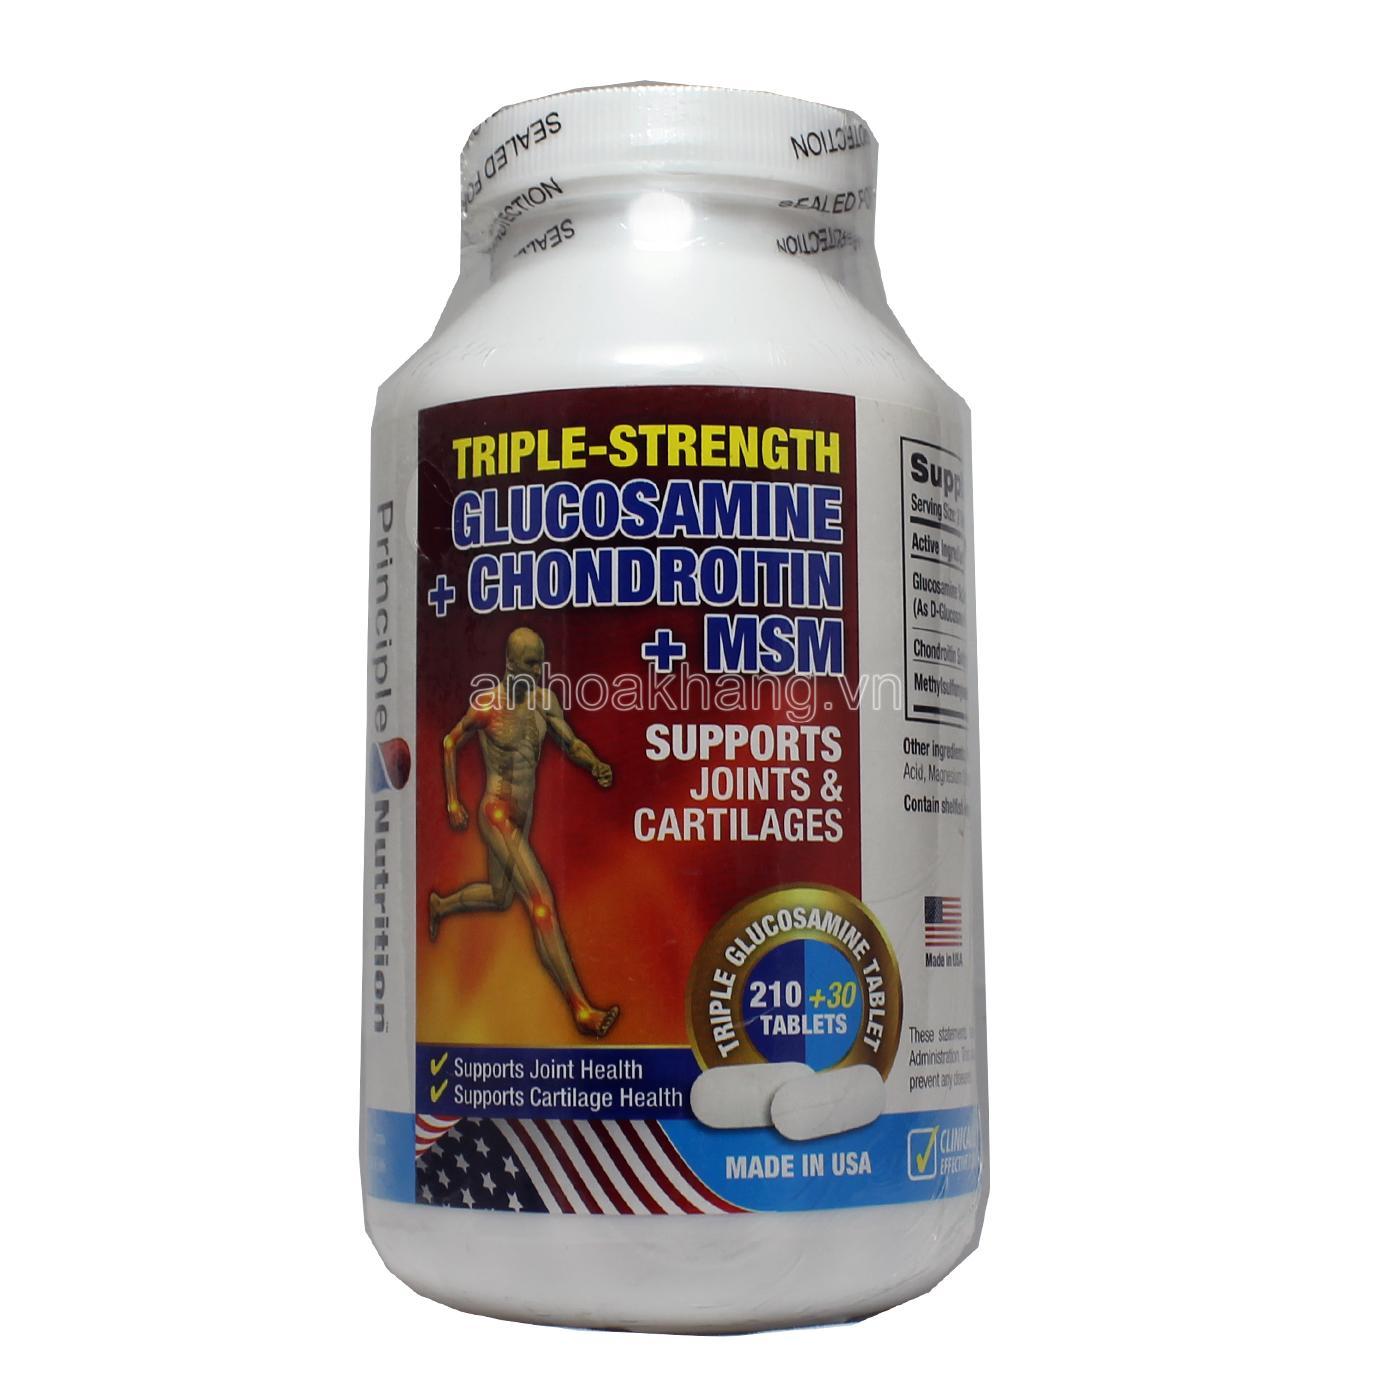 Viên hỗ trợ và phục hồi chức năng xương khớp - Principle Nutrition Triple-Strength Glucosamine + Chondroitin + MSM nhập khẩu